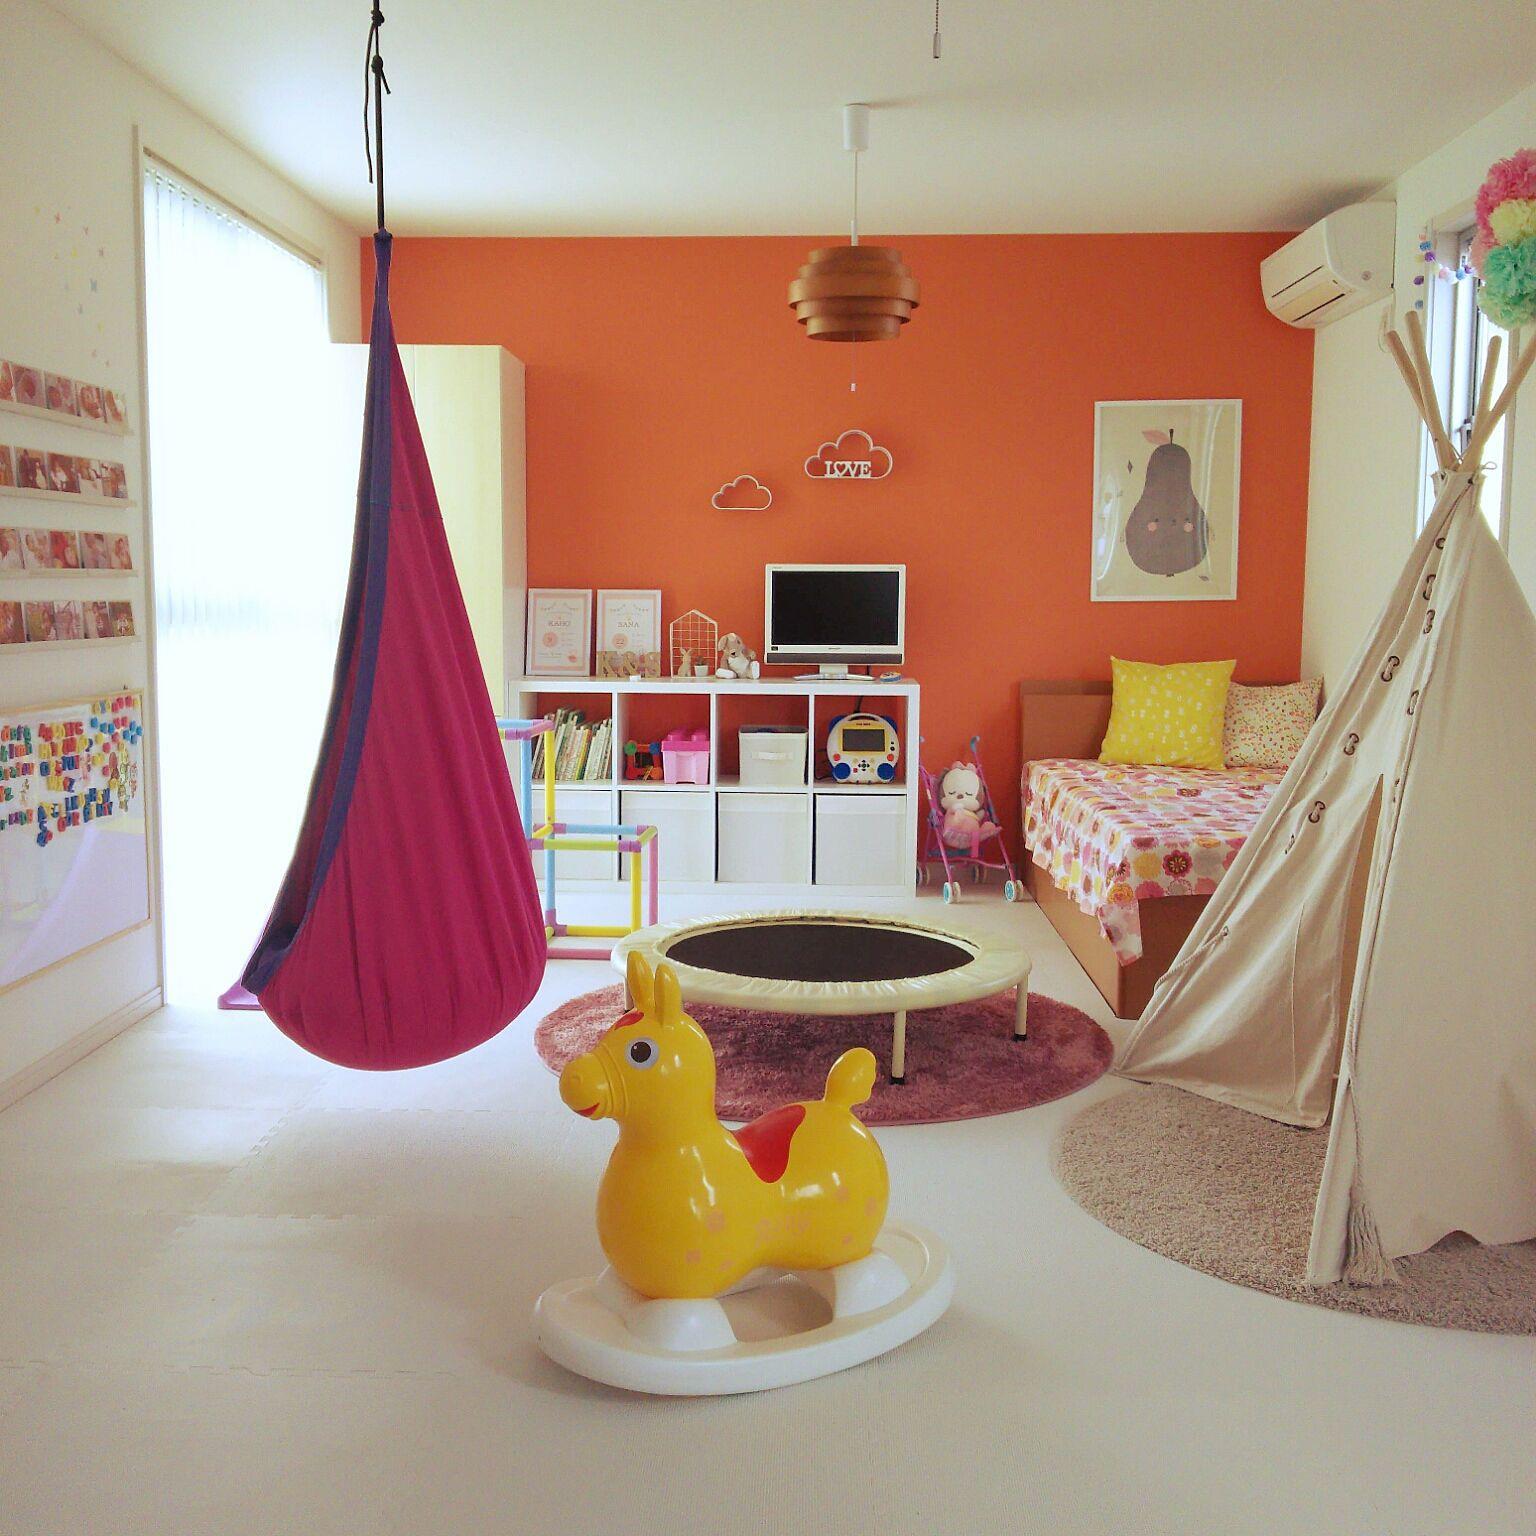 オレンジ 子供部屋女の子 ハンギングチェア カラフルな部屋